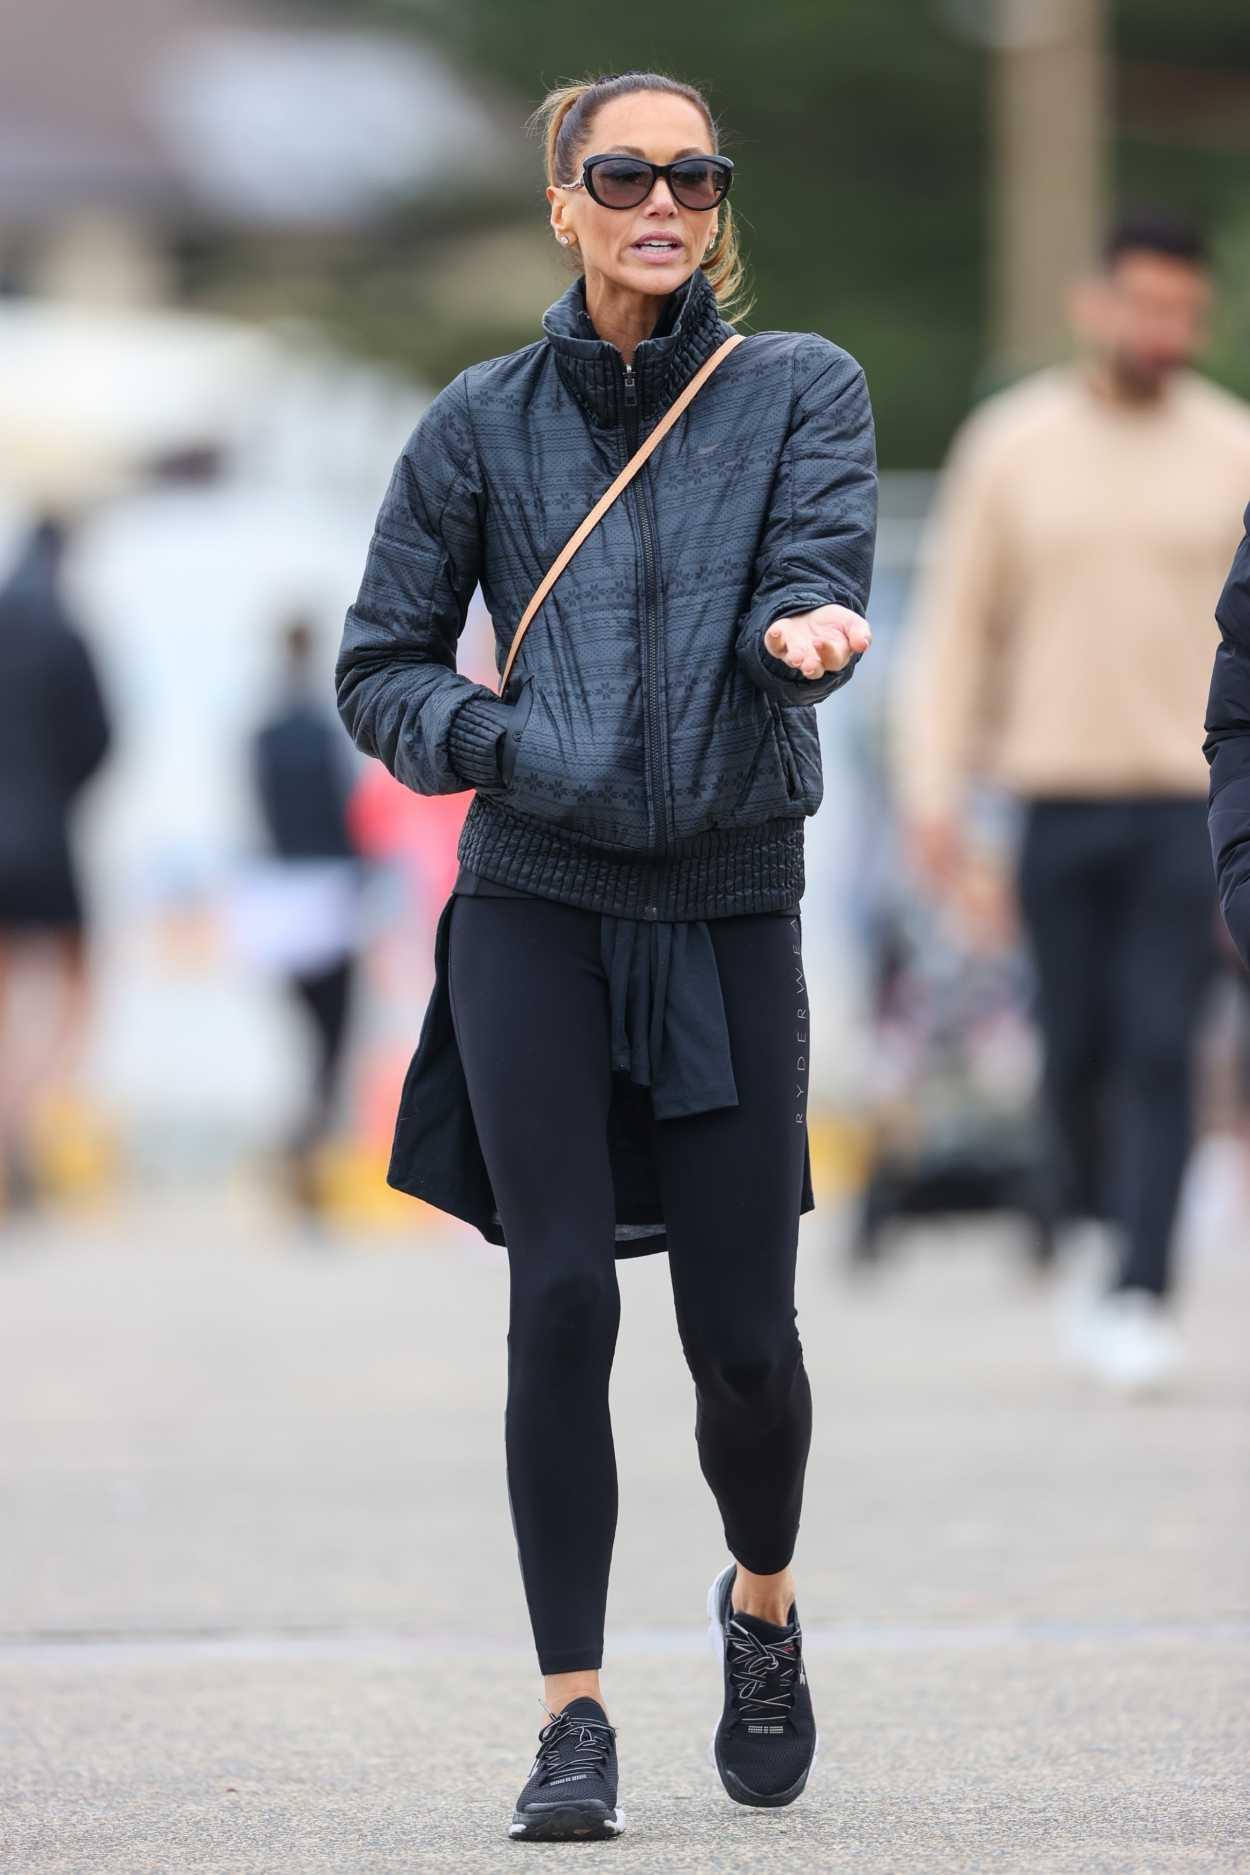 Kyly Clarke in a Black Jacket Was Seen Out in Sydney 06/27 ...